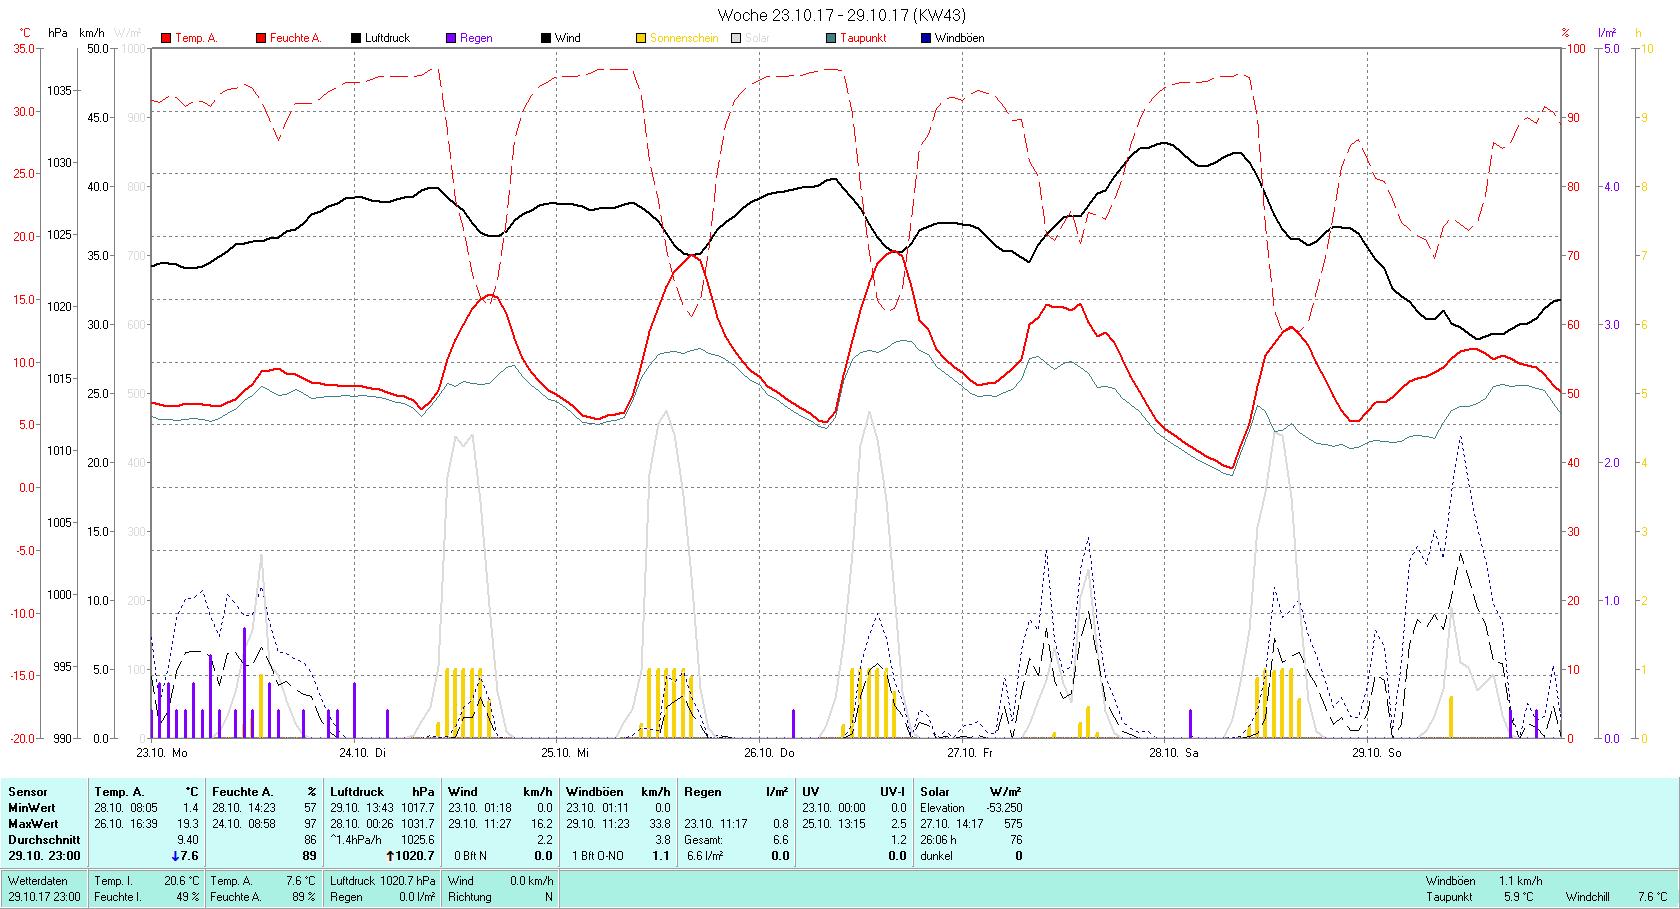 KW 43 Tmin 1.4°C, Tmax 19.3°C, Sonne 26:06 h Niederschlag 6.6 mm2